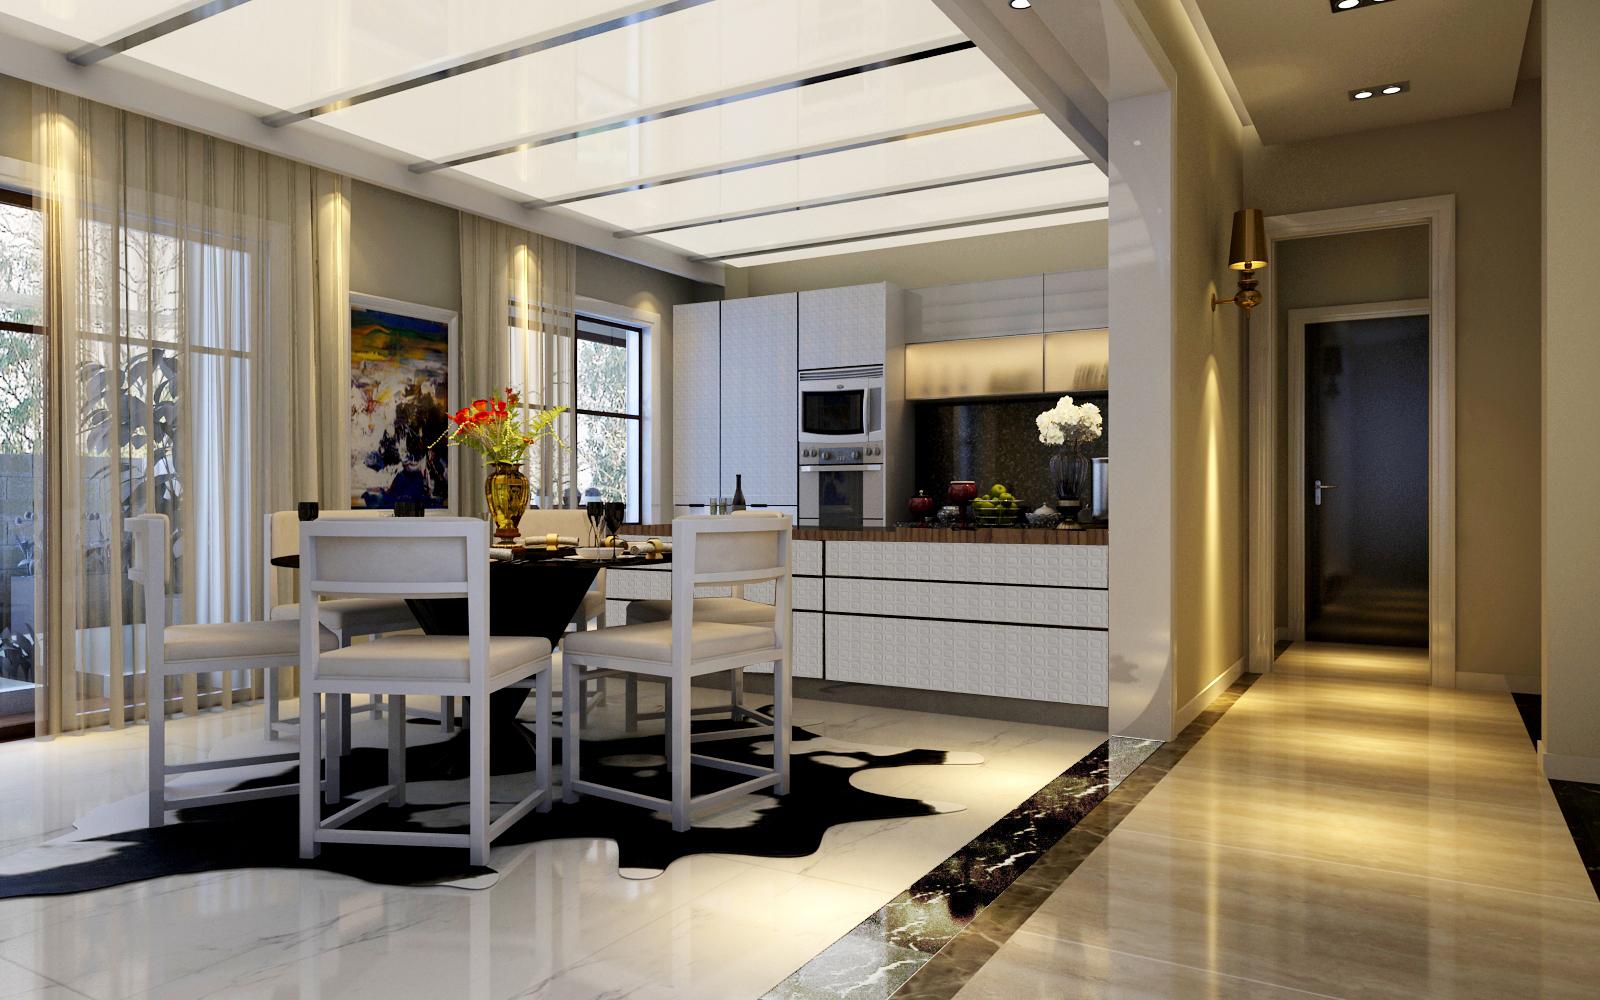 别墅装修 别墅设计 装修设计 尚层装饰 北京尚层 软装配饰 餐厅图片来自北京别墅装饰在舒适,现在+智能化的现在风格的分享